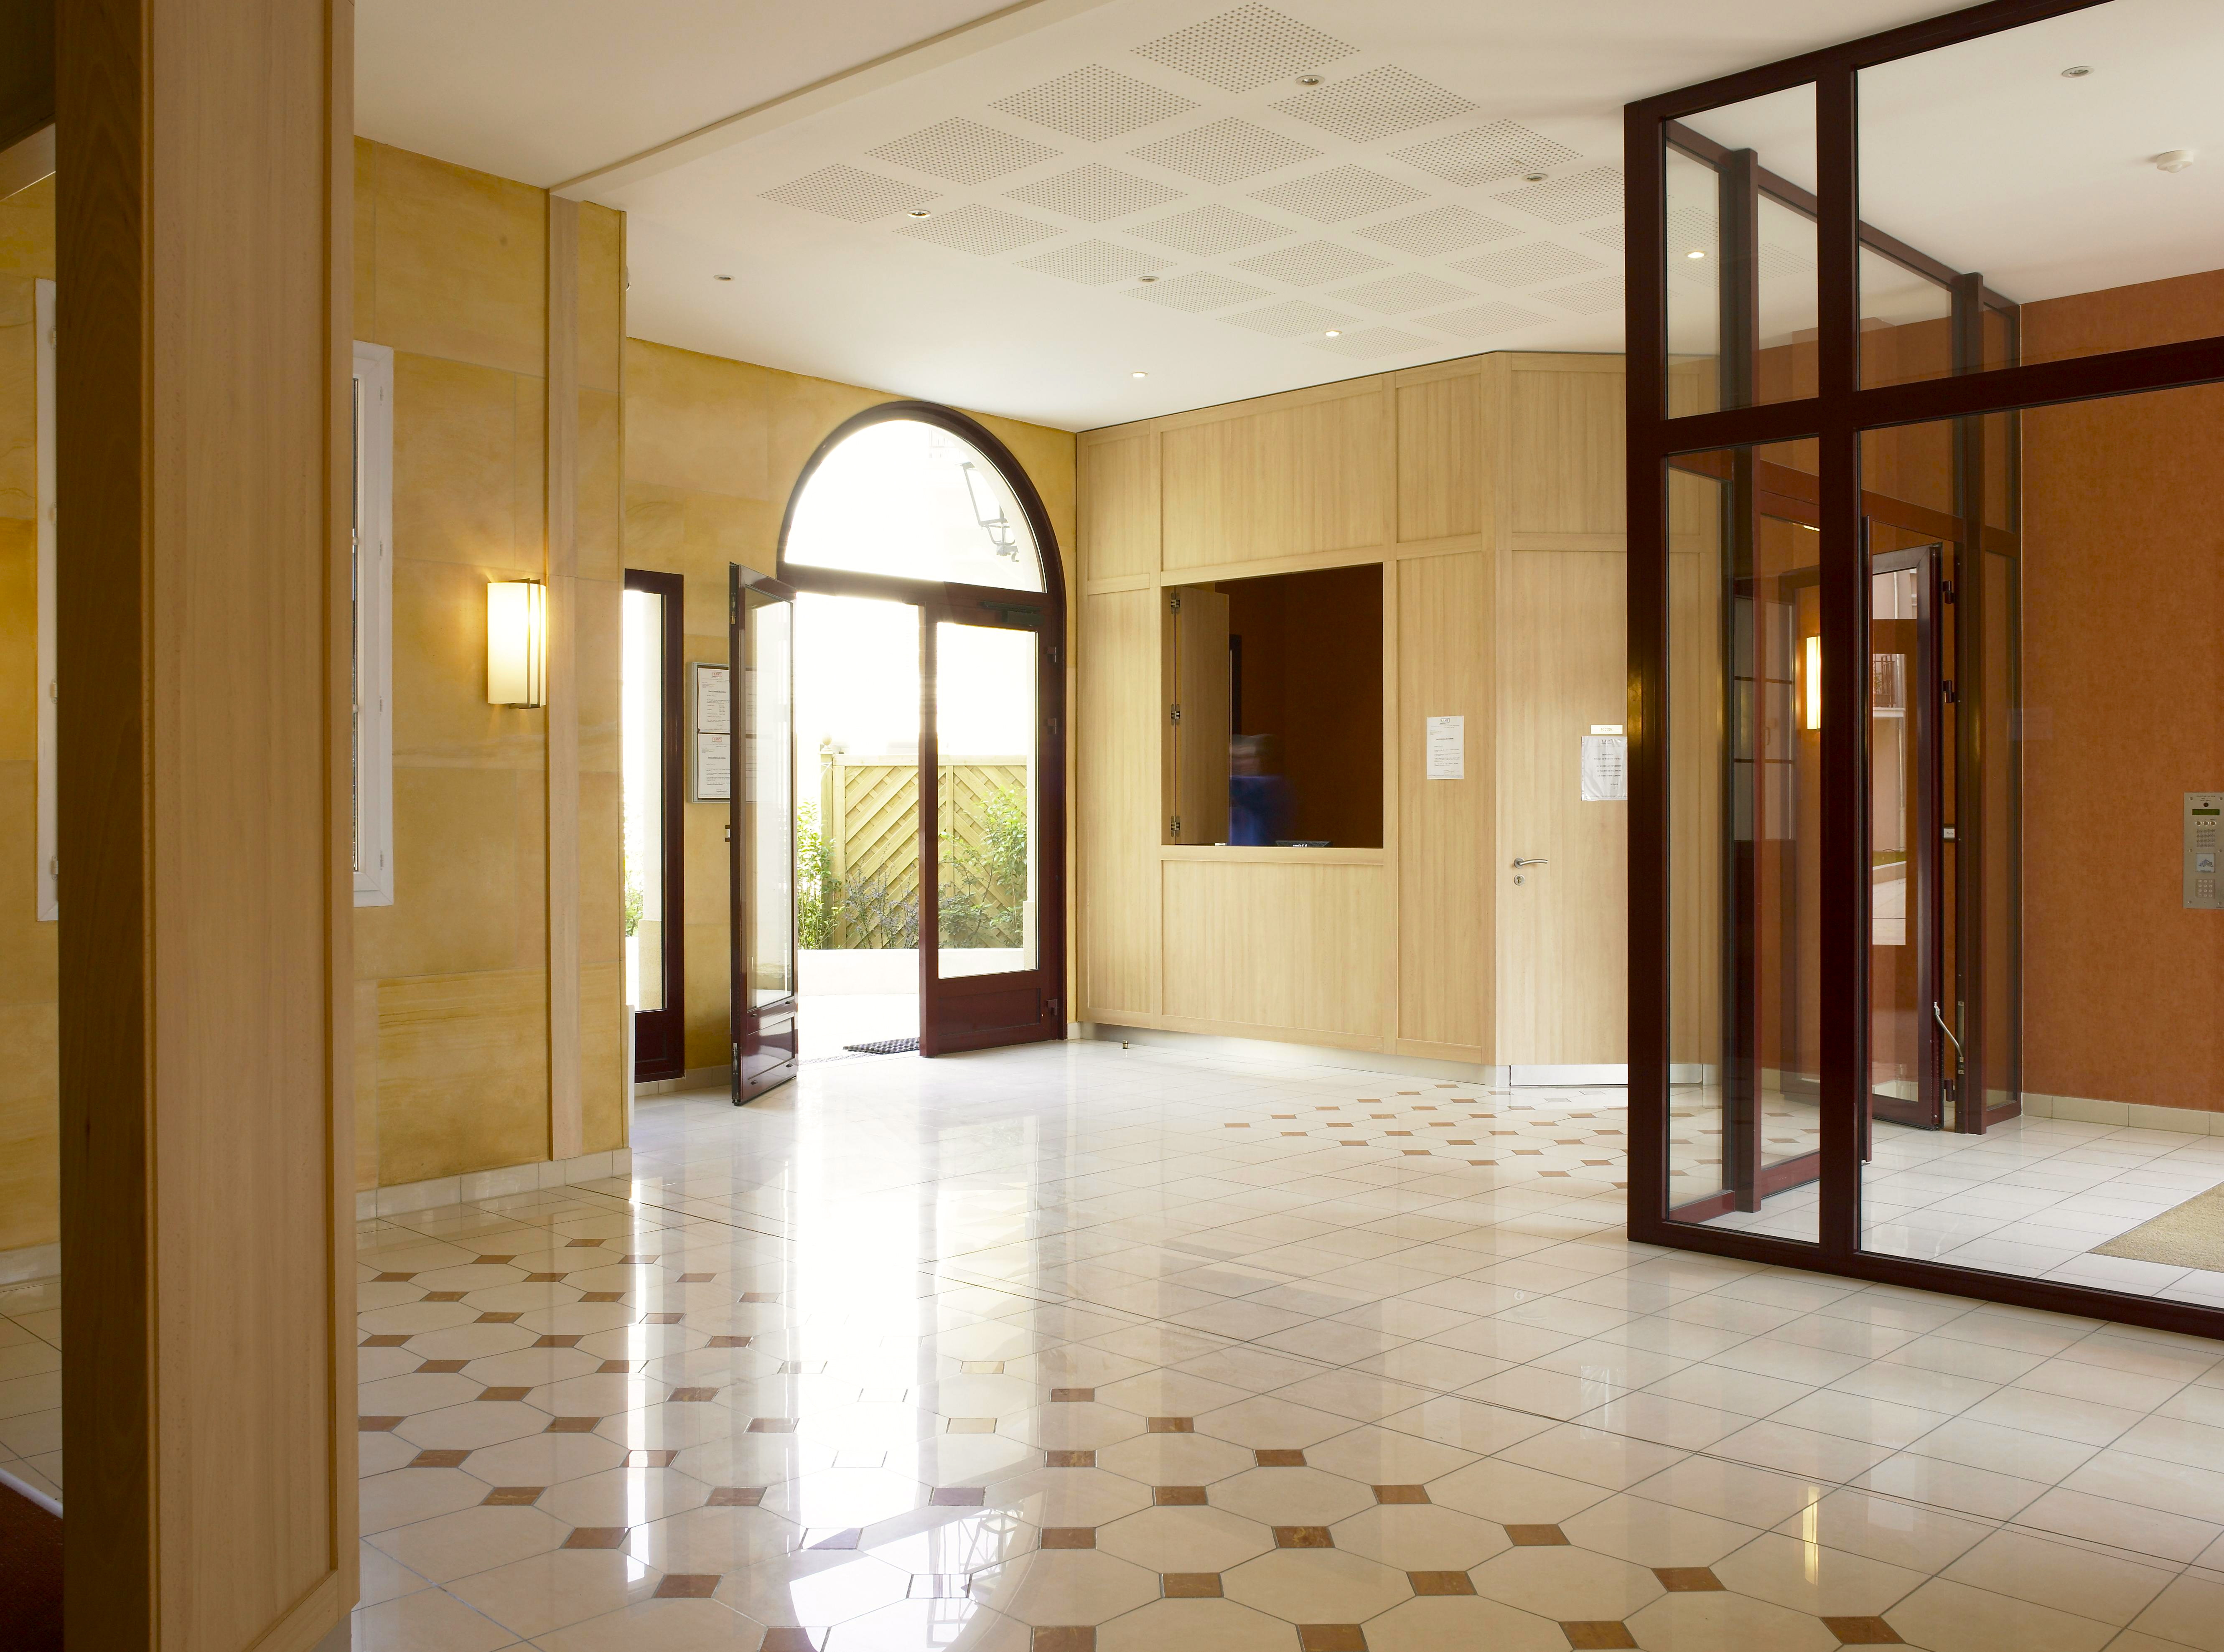 Hall immeuble 77 C.Delecroix.jpg